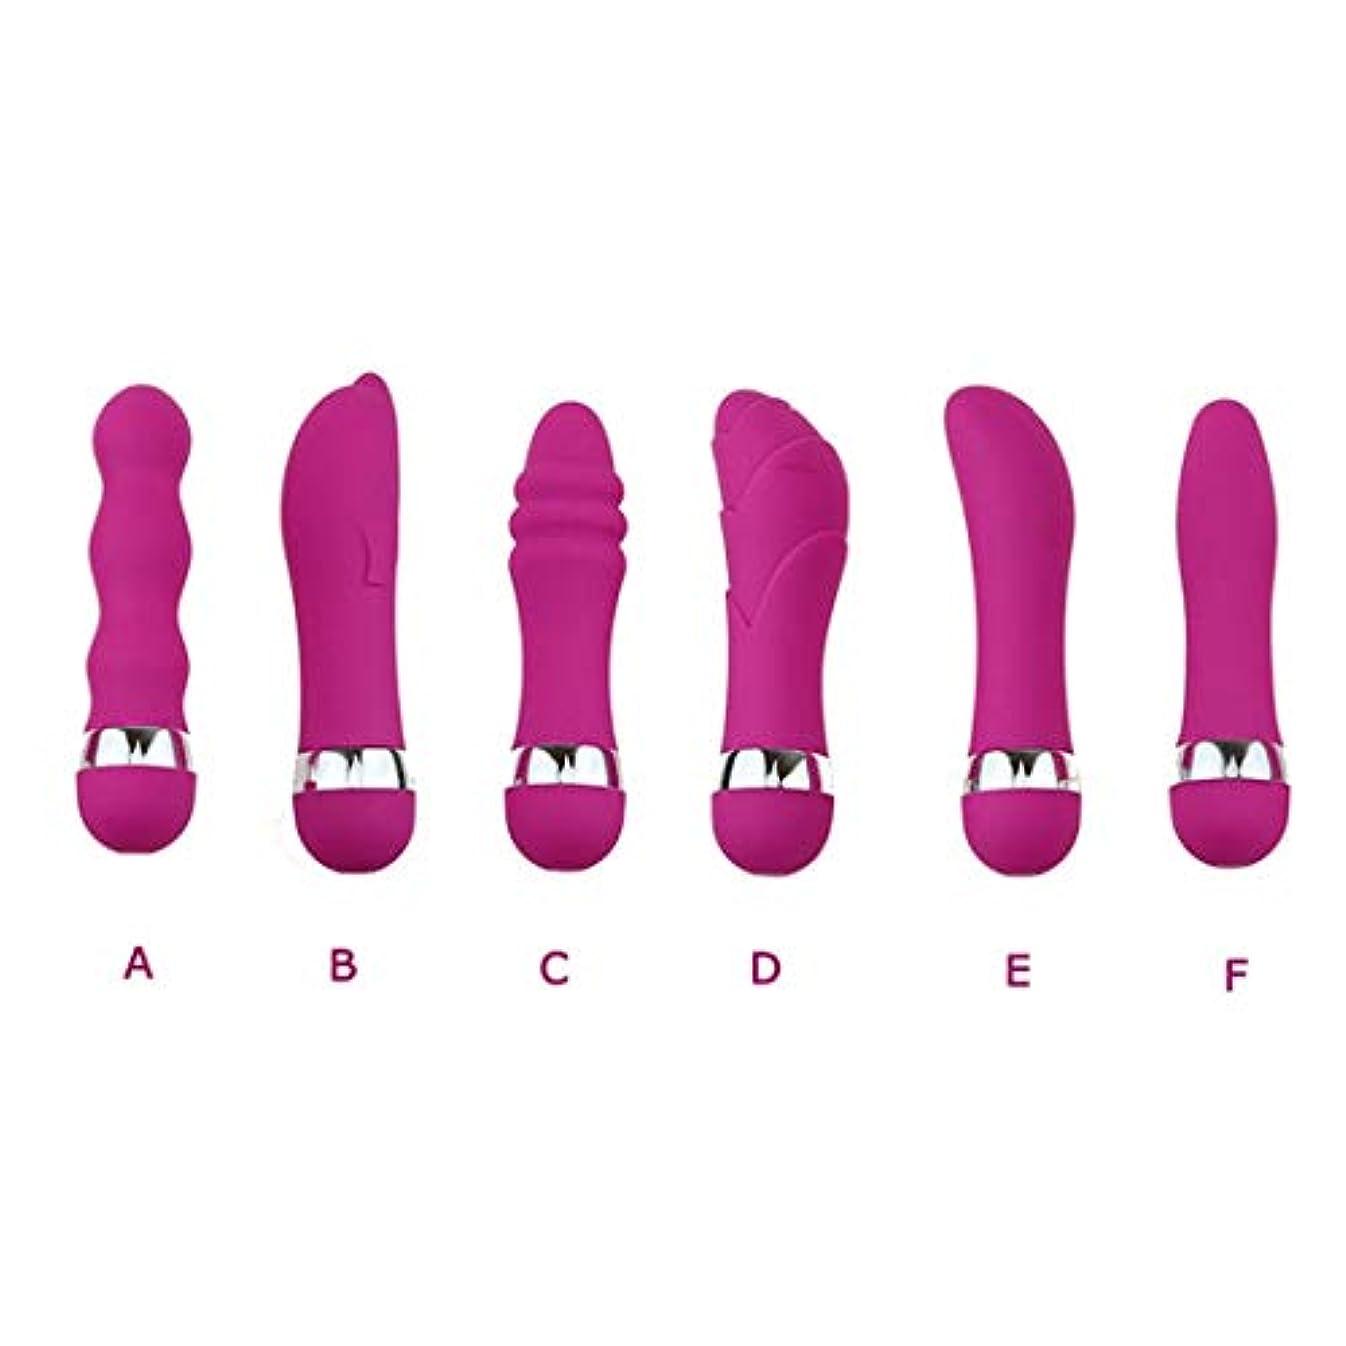 名前で骨褒賞ZHITMRセクシーなミニ裏庭Gポイント女性バイブレーター大人カップル刺激シリコーンスティック スティック (サイズ : 6-piece set)